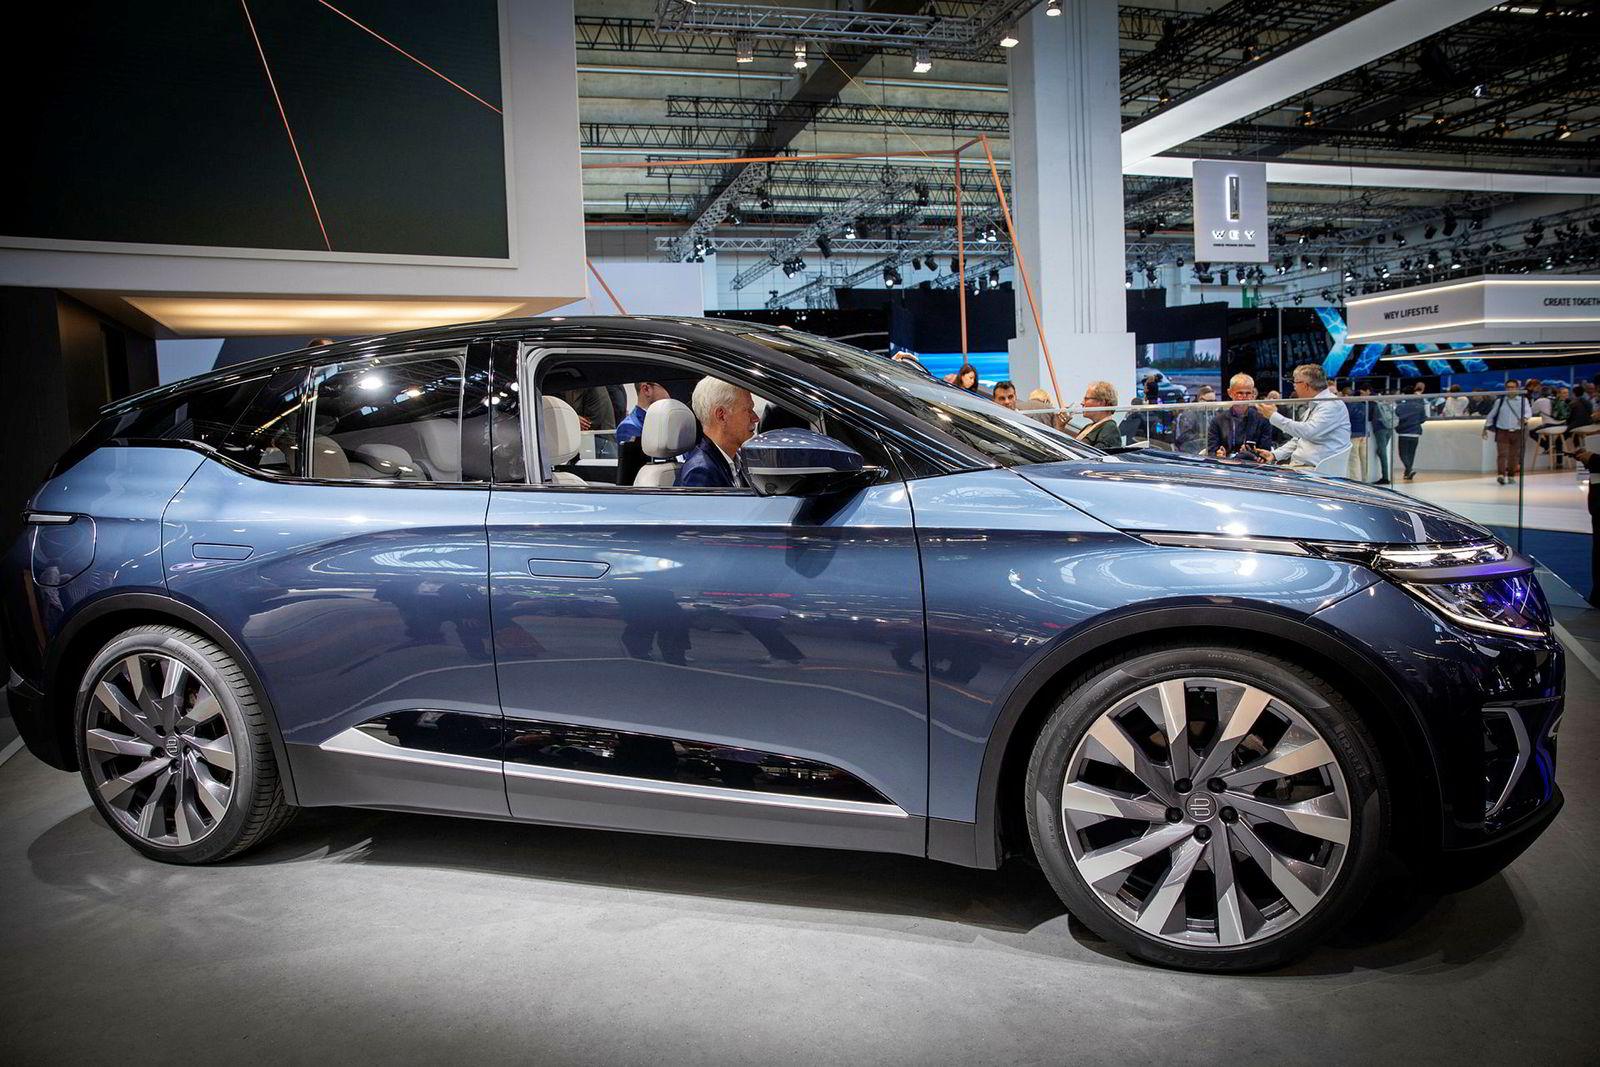 Byton M-Byte er 487,5 centimeter lang og har et bagasjerom på 550 liter. Bilen kommer til Norge i 2021.